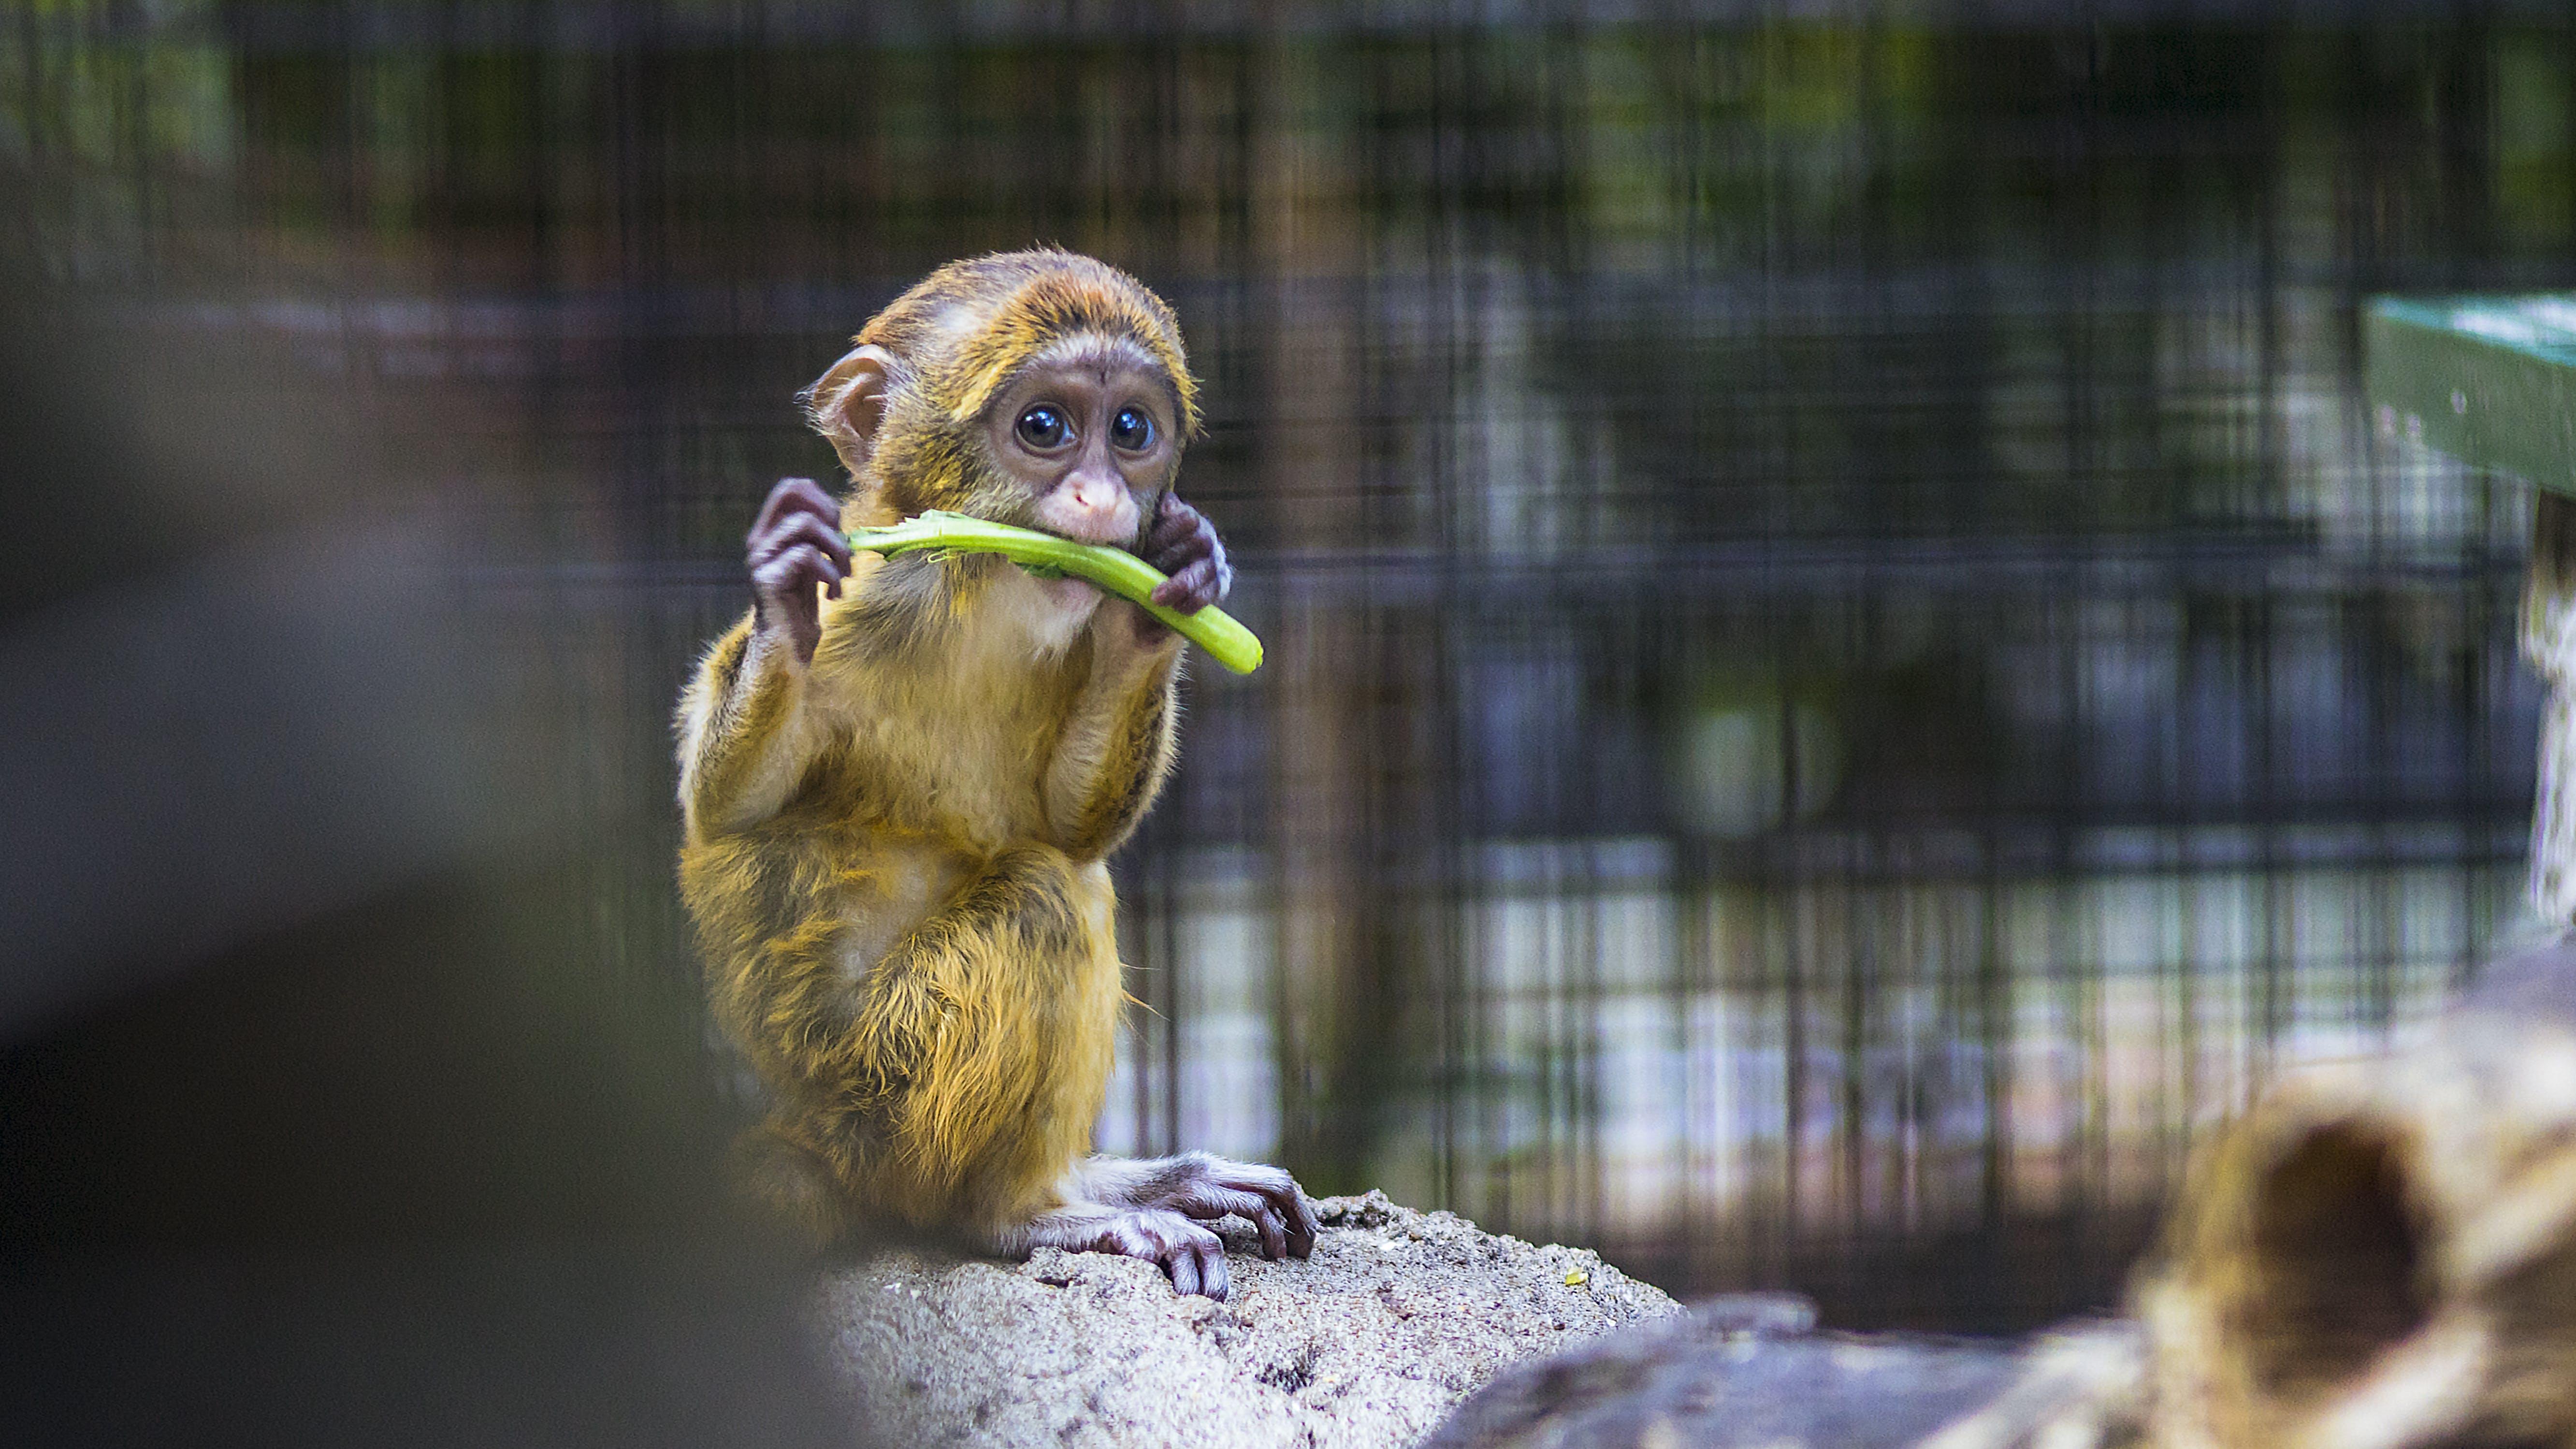 Kostenloses Stock Foto zu natur, essen, tier, niedlich